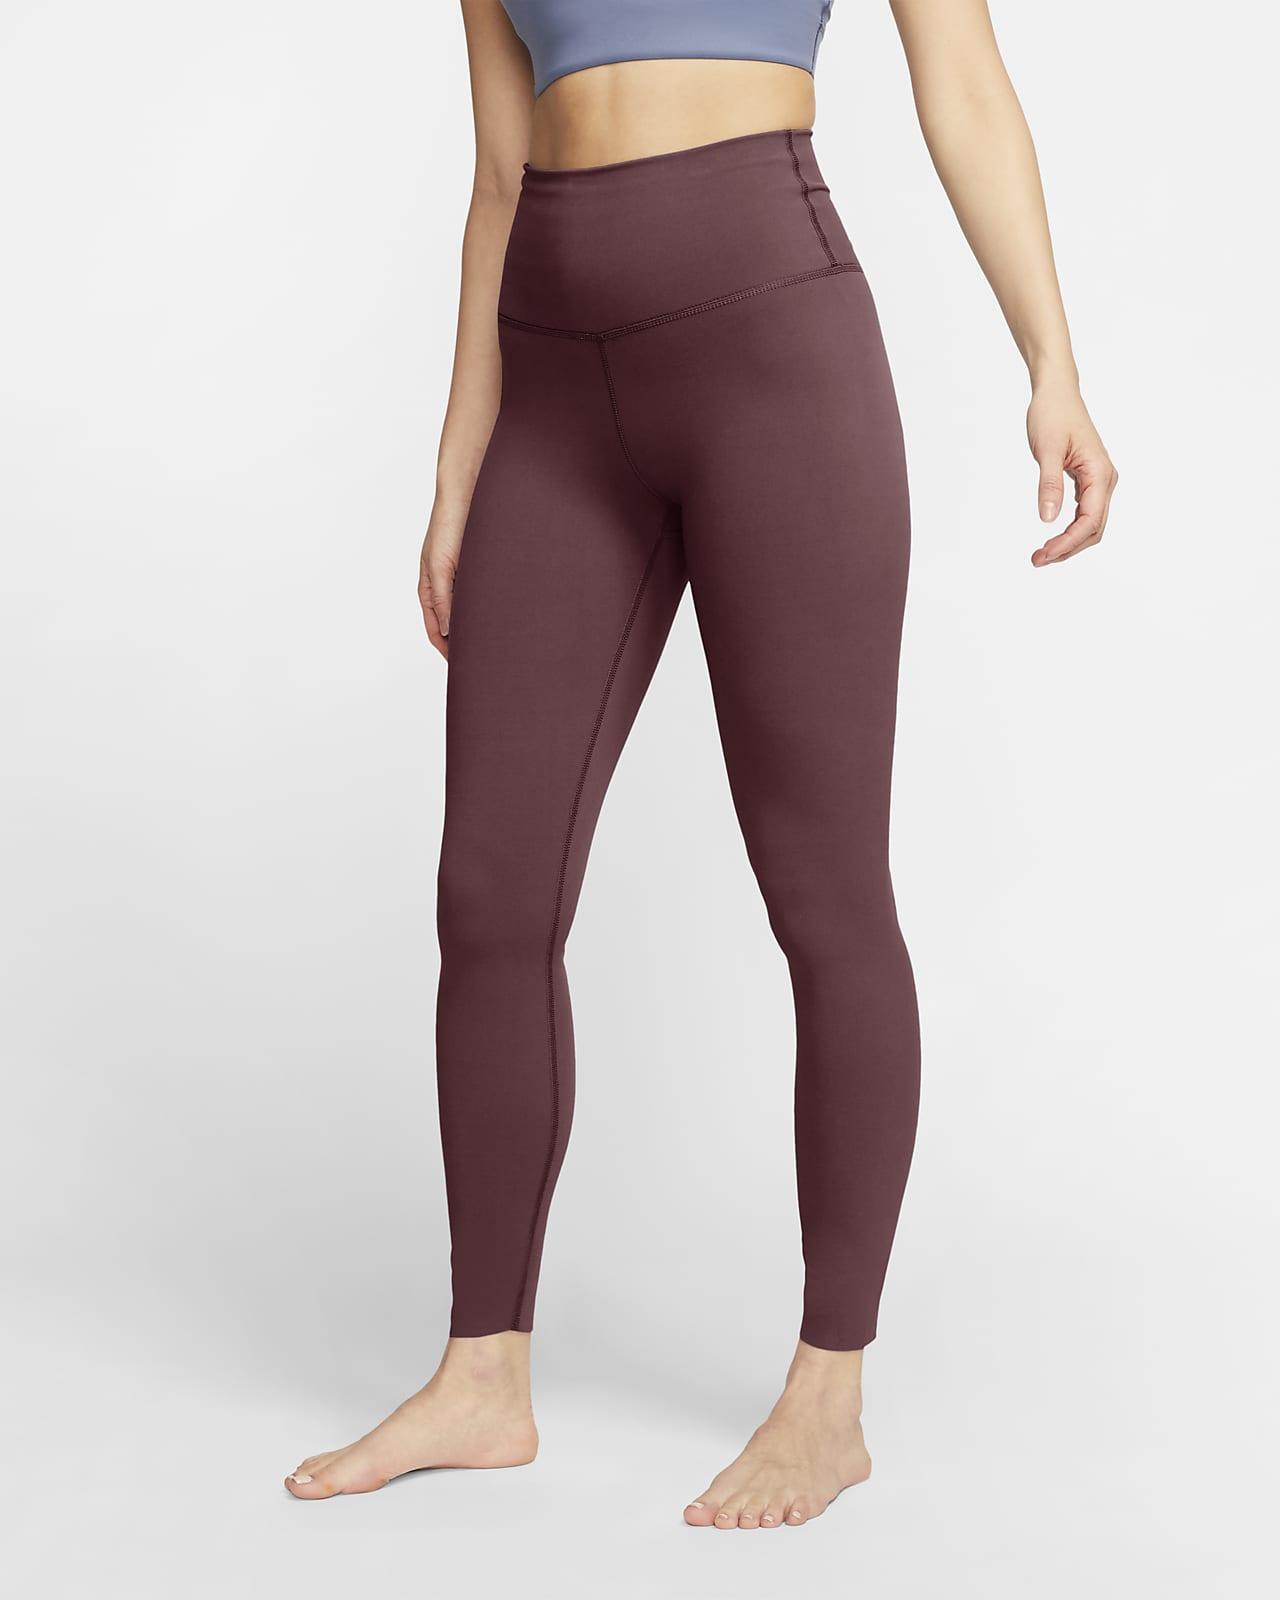 Nike Yoga Luxe 7/8-tights van Infalon voor dames